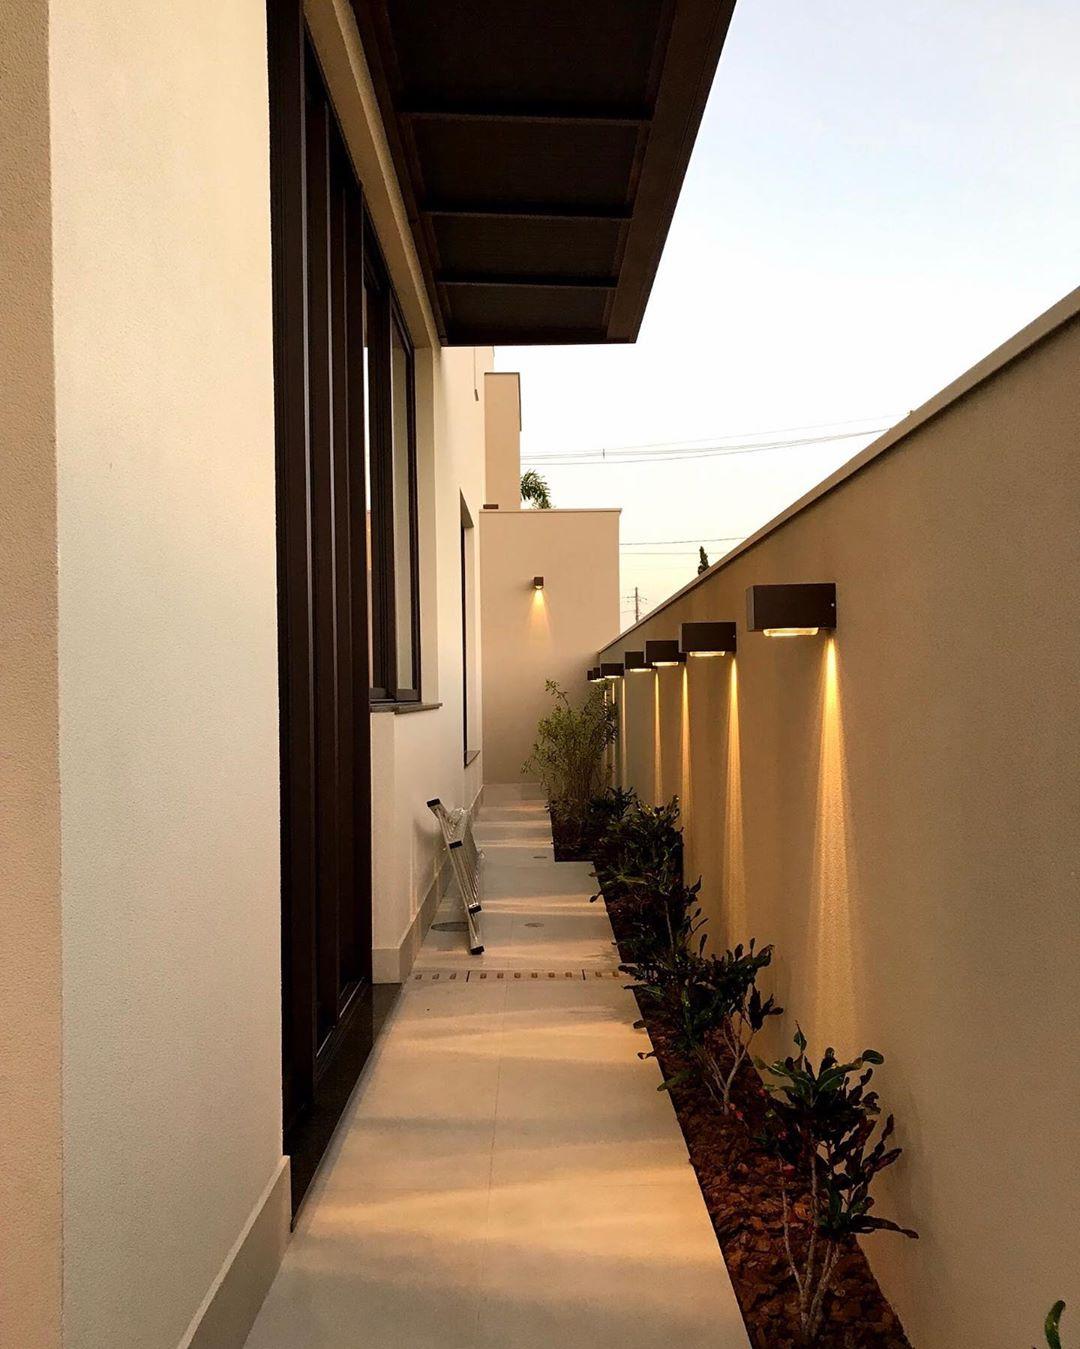 corredor externo decorado com arandelas